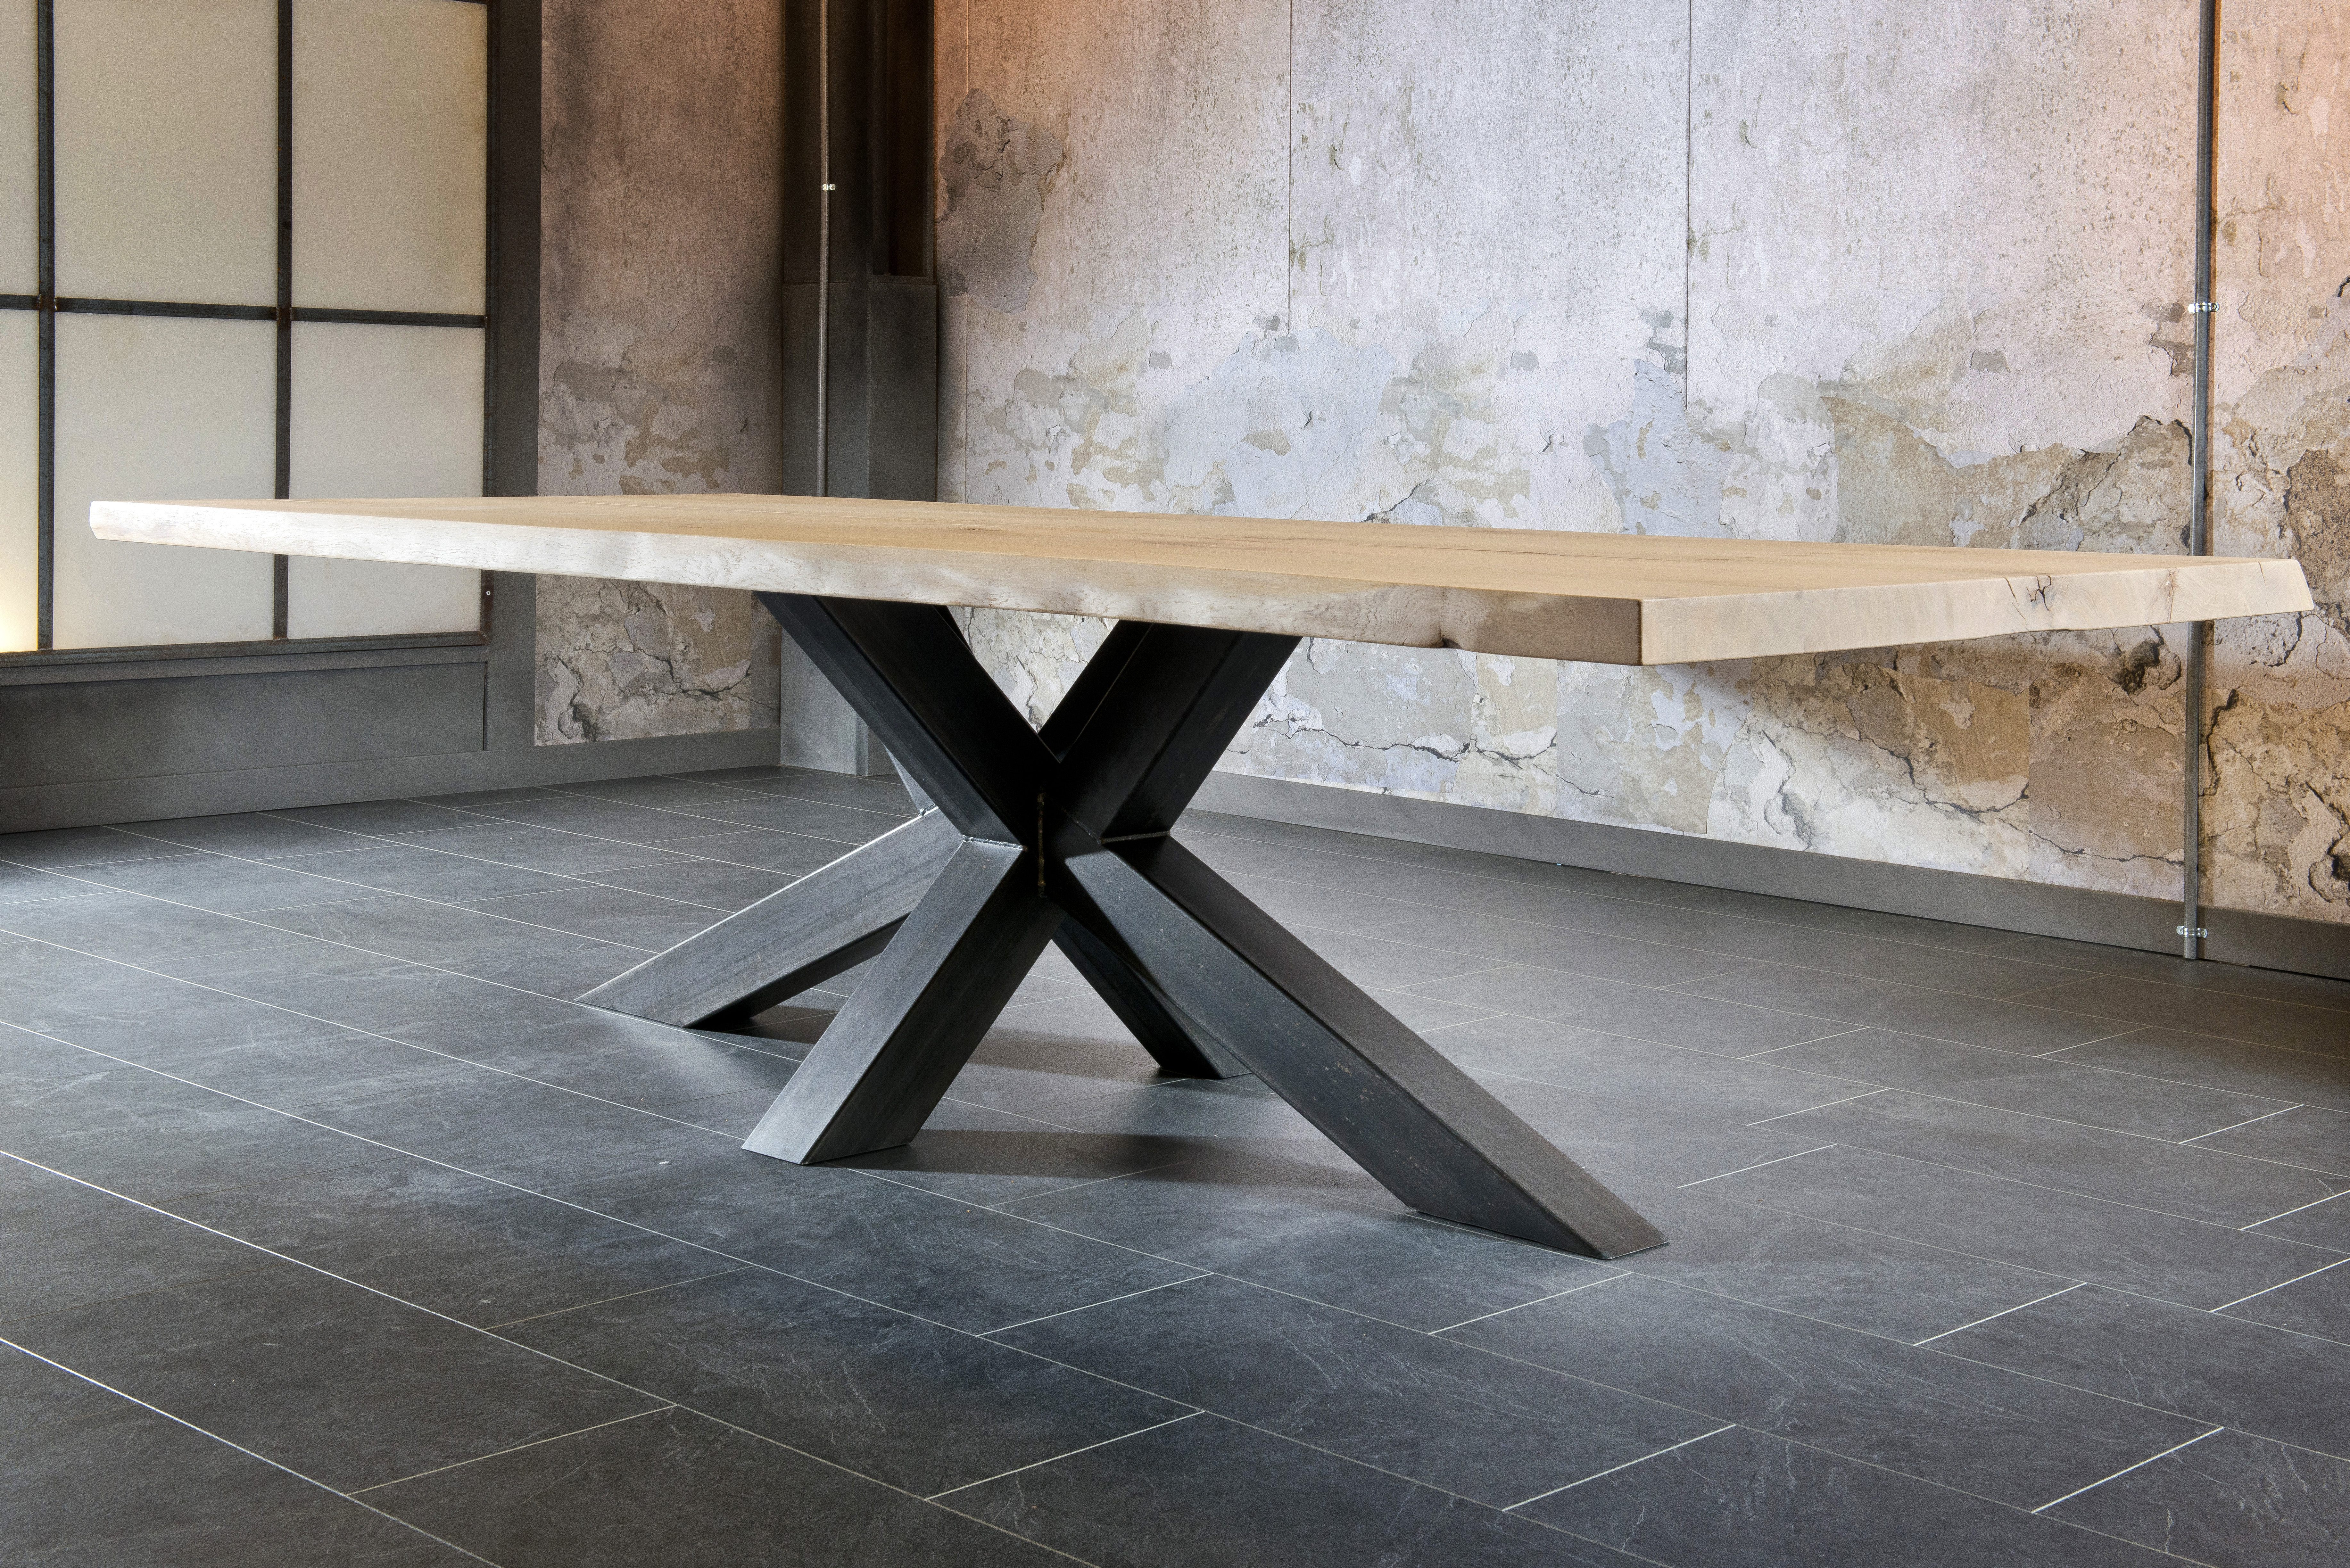 Salle A Manger Design Table Industriel Plateau Bois Pied Metal